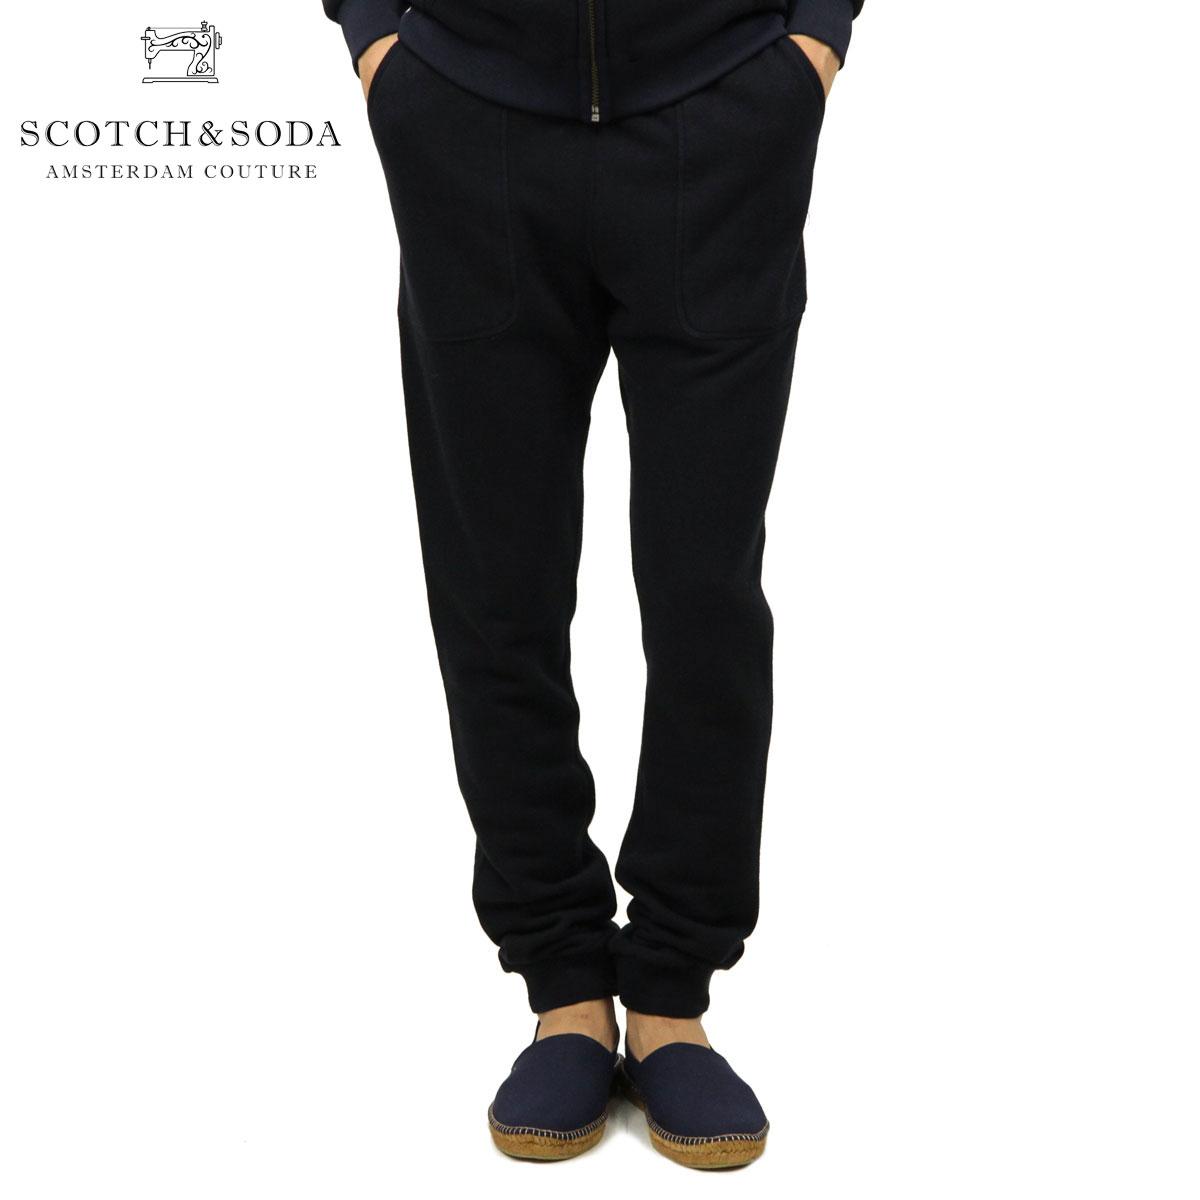 スコッチアンドソーダ SCOTCH&SODA 正規販売店 メンズ スウェットパンツ HOME ALONE CLASSIC JOGGING PANT DC 137550 57 43502 NAVY